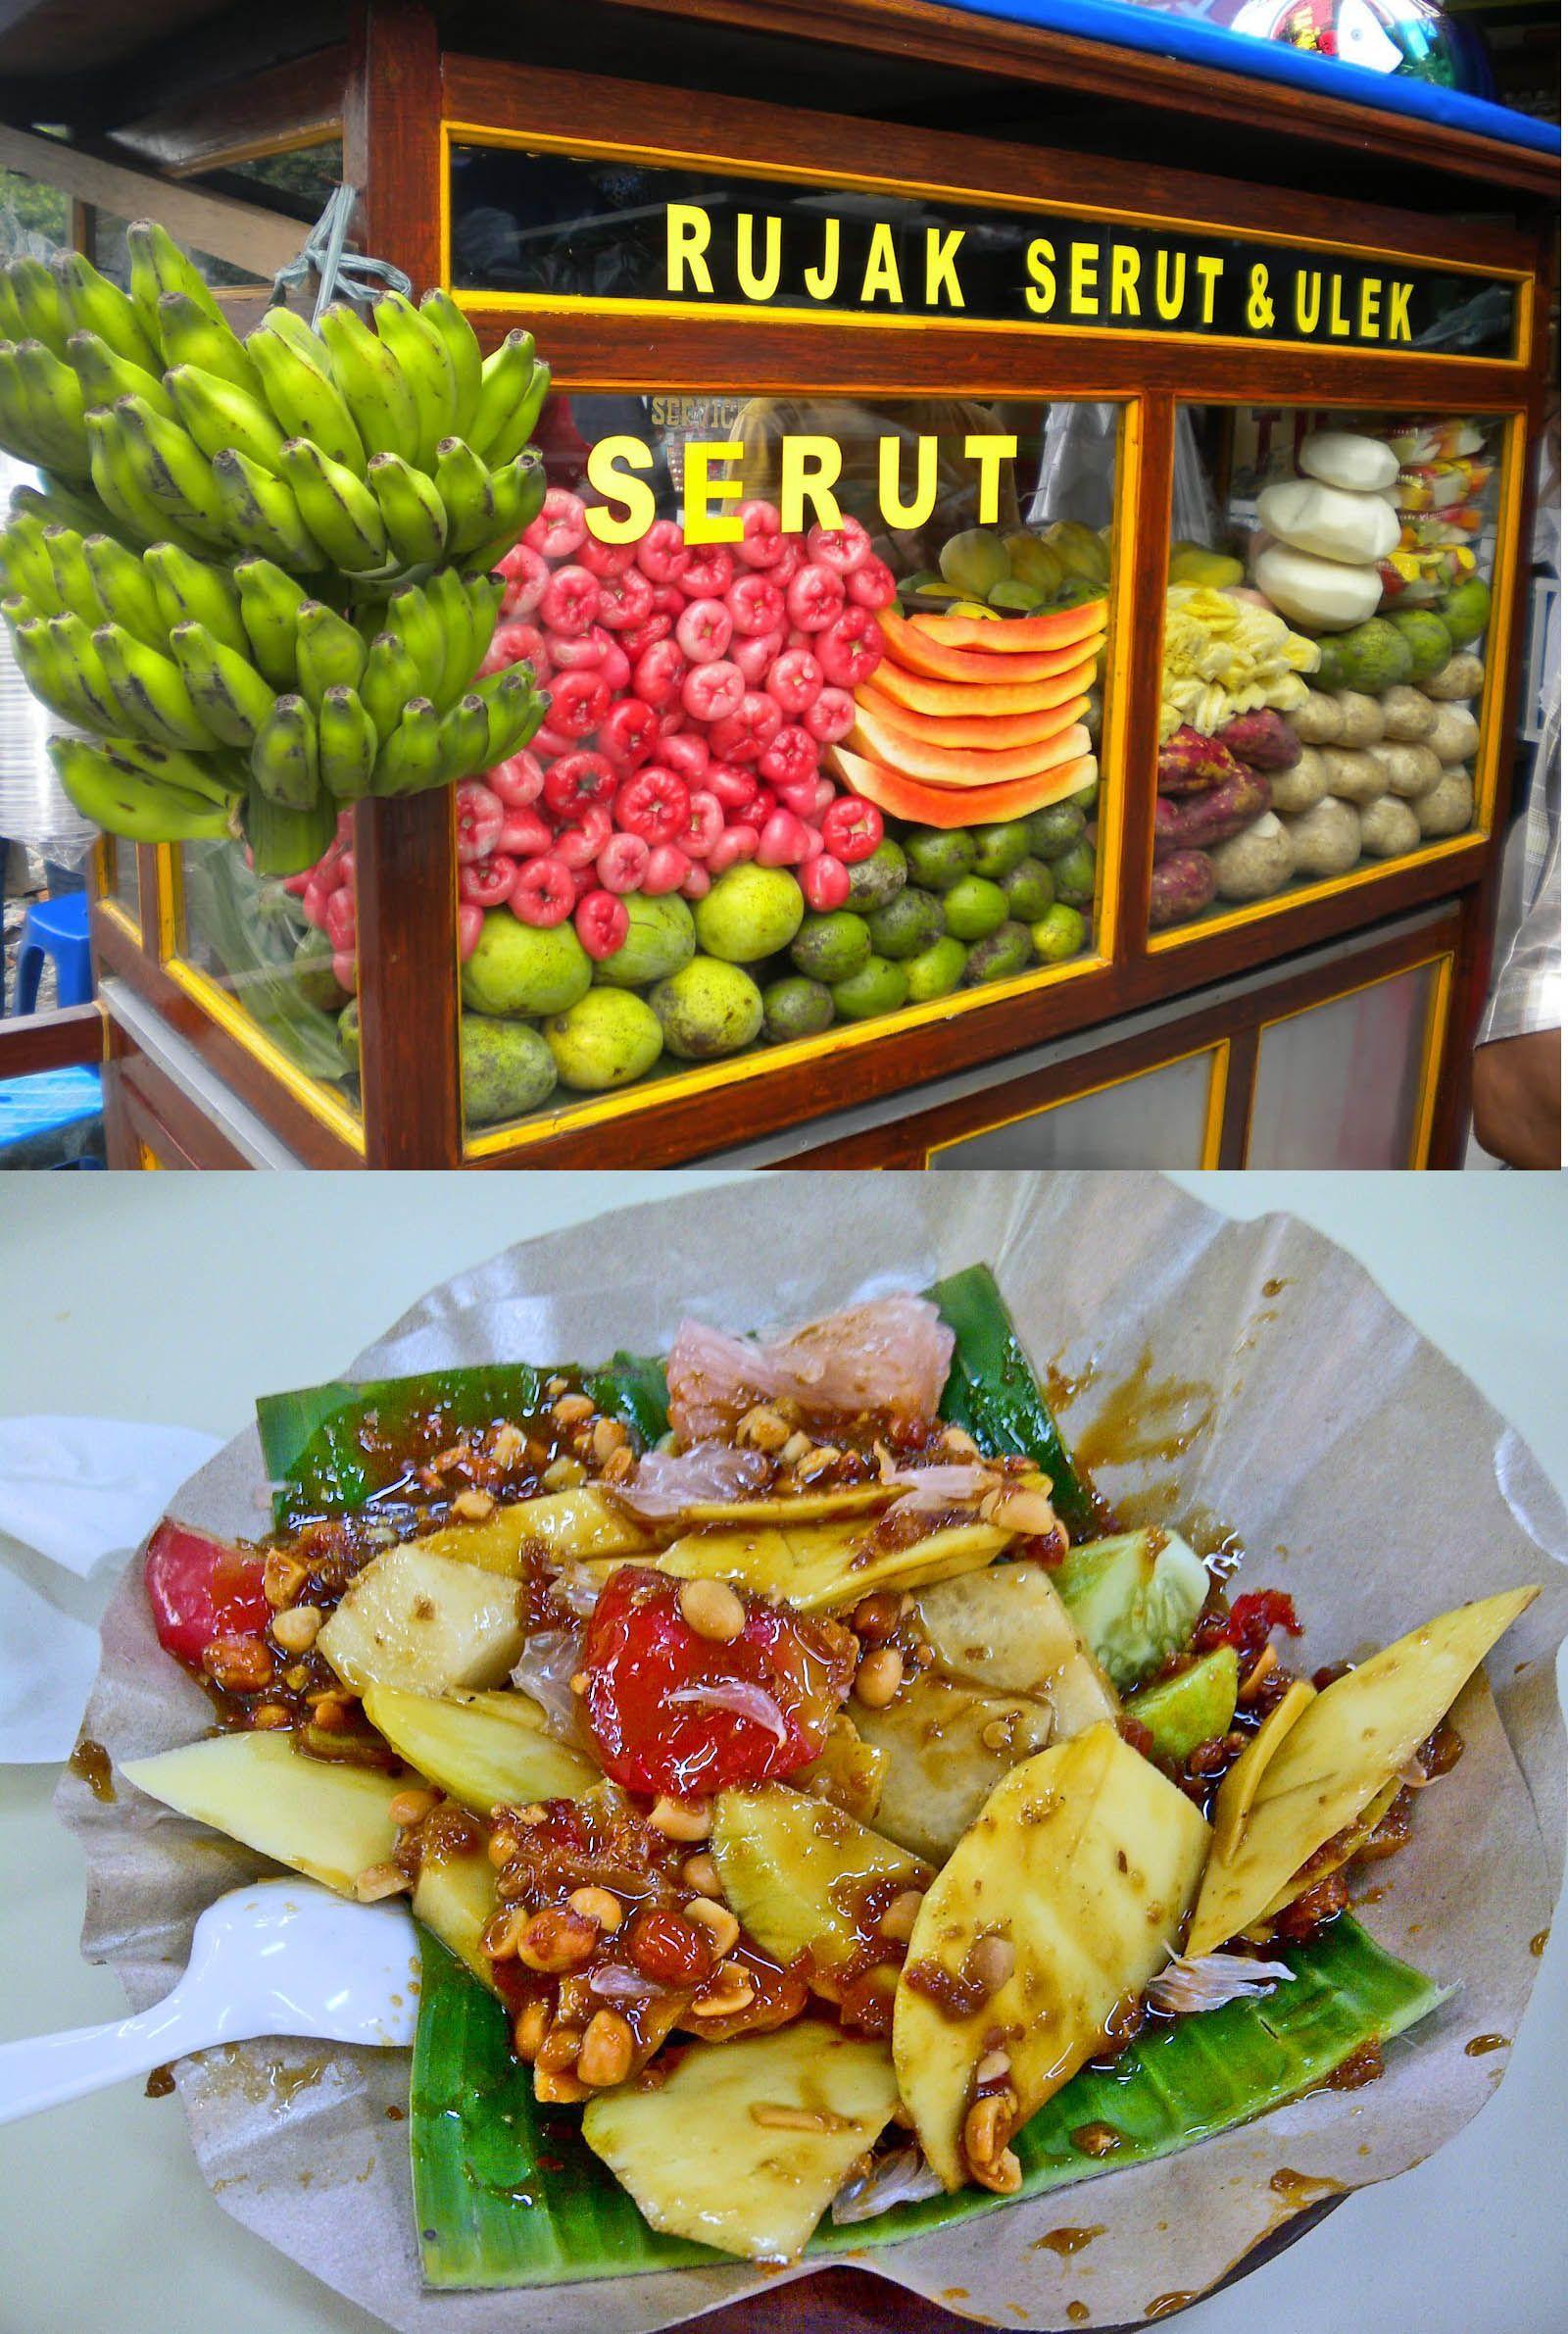 Rujak ulek / buah indonesianrecipe resep